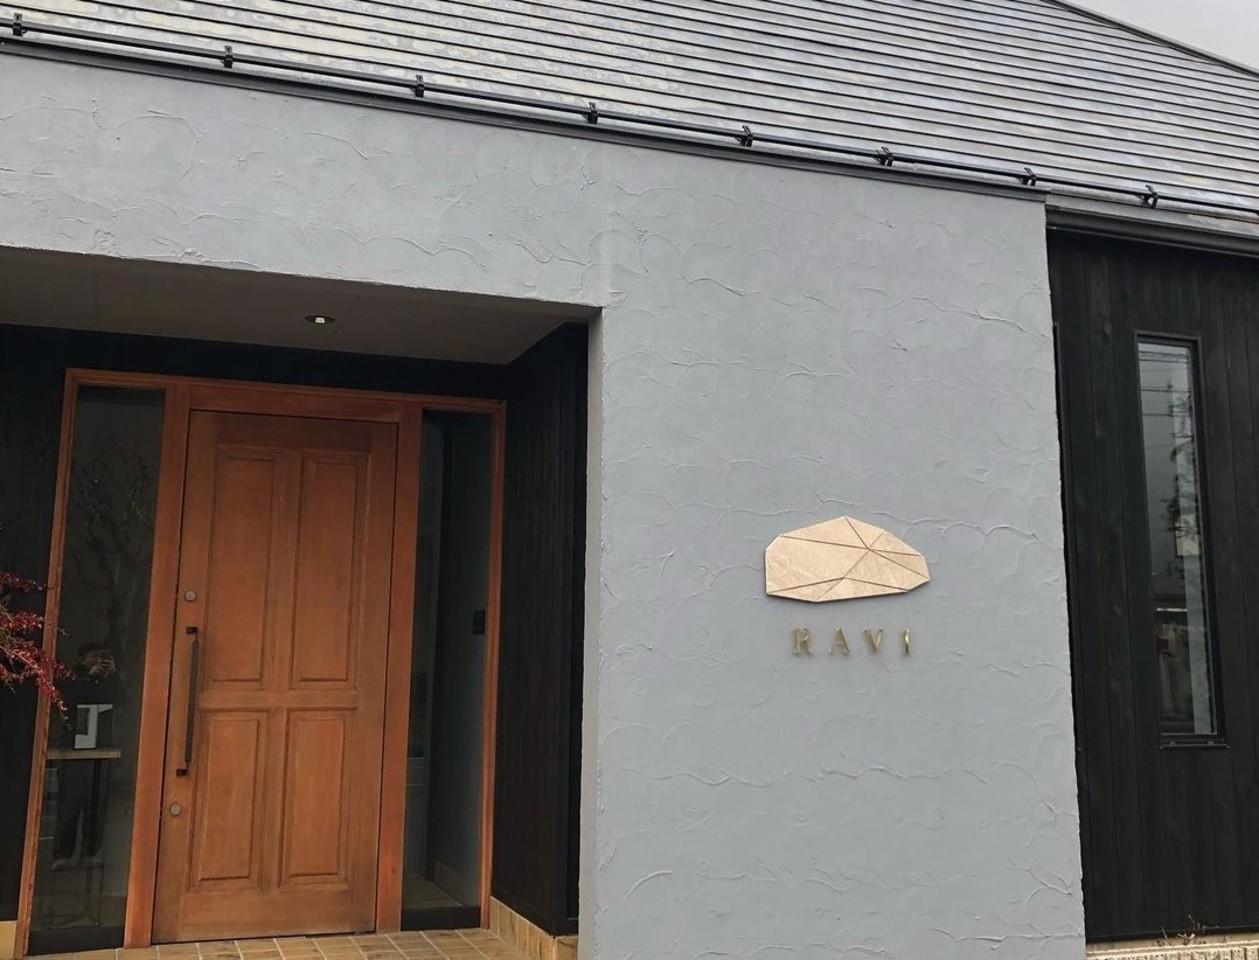 昔から夢だった自分の店...岐阜県郡上市八幡町中坪3丁目に「RAVI」11/24オープン